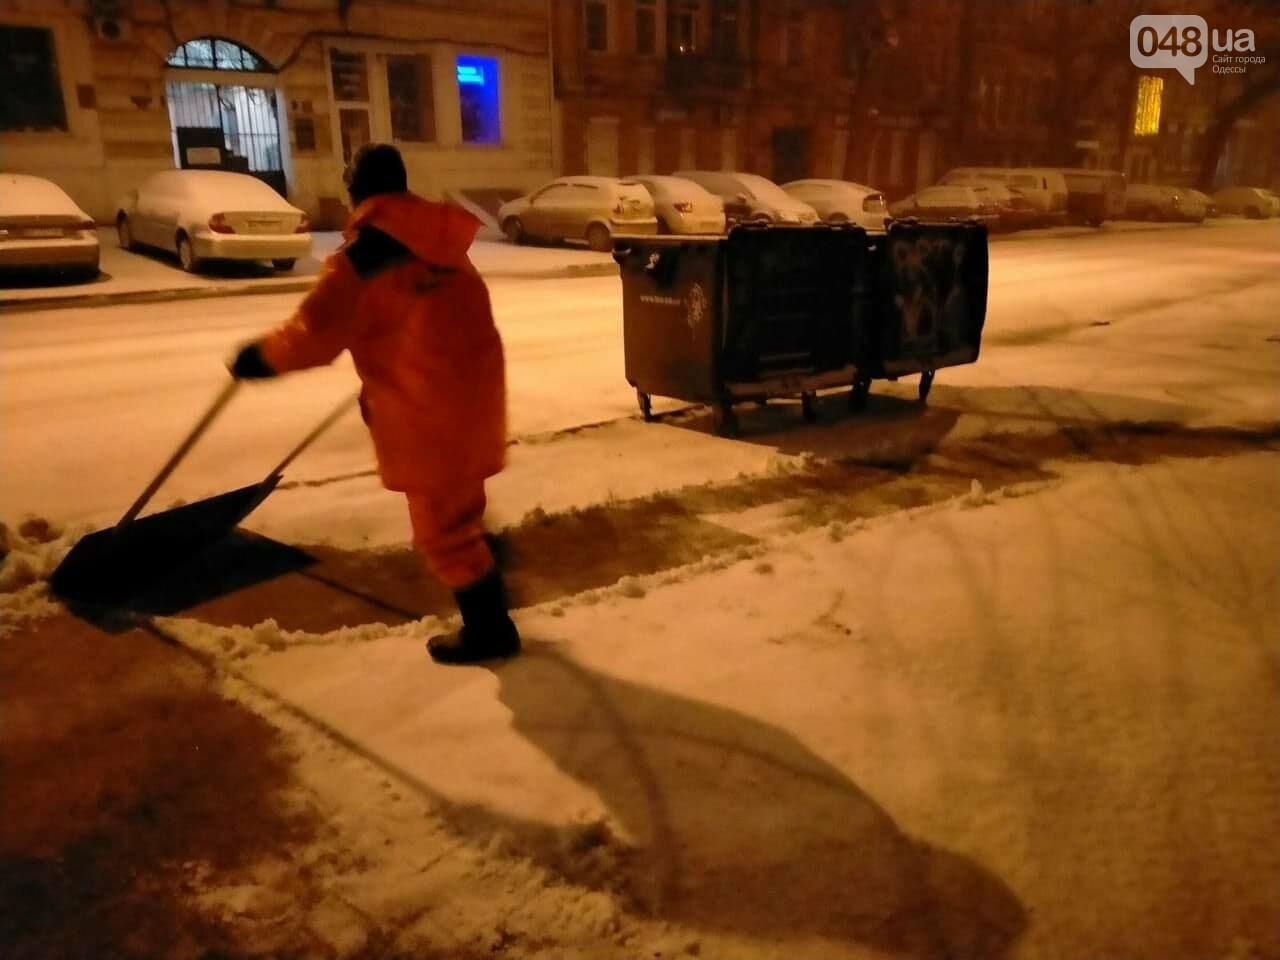 В Одессе около 100 автомобилей всю ночь разгребали снег и посыпали улицы,- ФОТО, ВИДЕО, фото-3